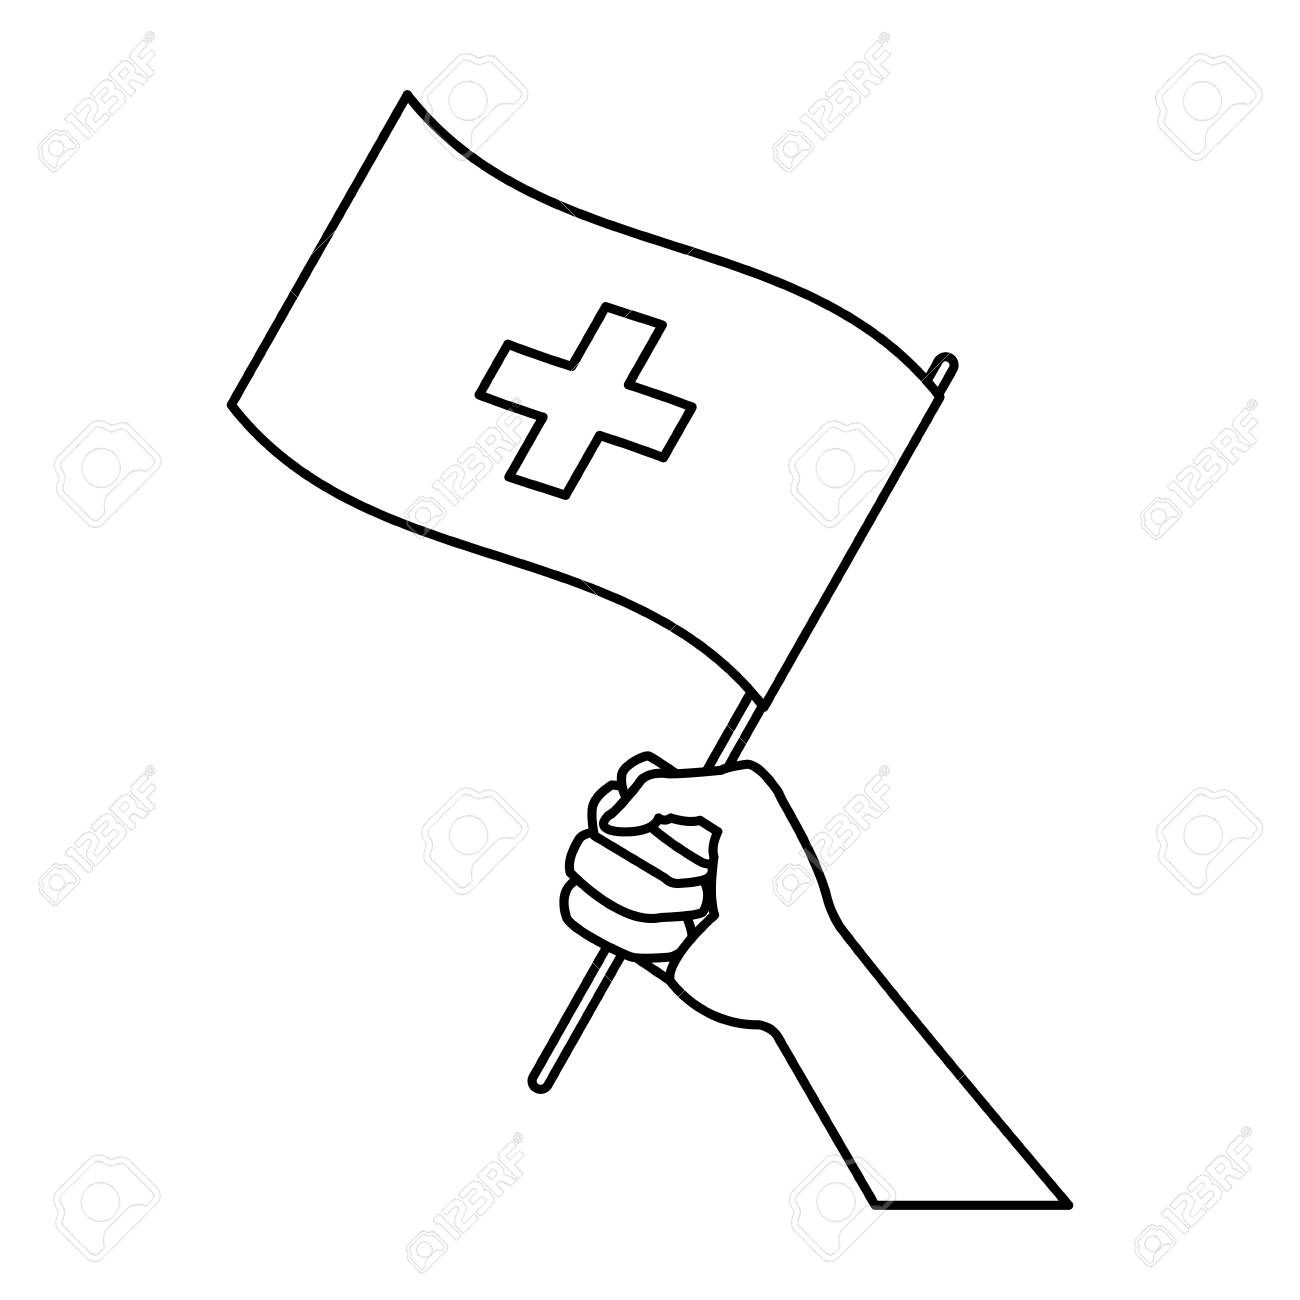 hand holding flag of switzerland symbol national vector illustration Switzerland Mountains hand holding flag of switzerland symbol national vector illustration stock vector 83817771